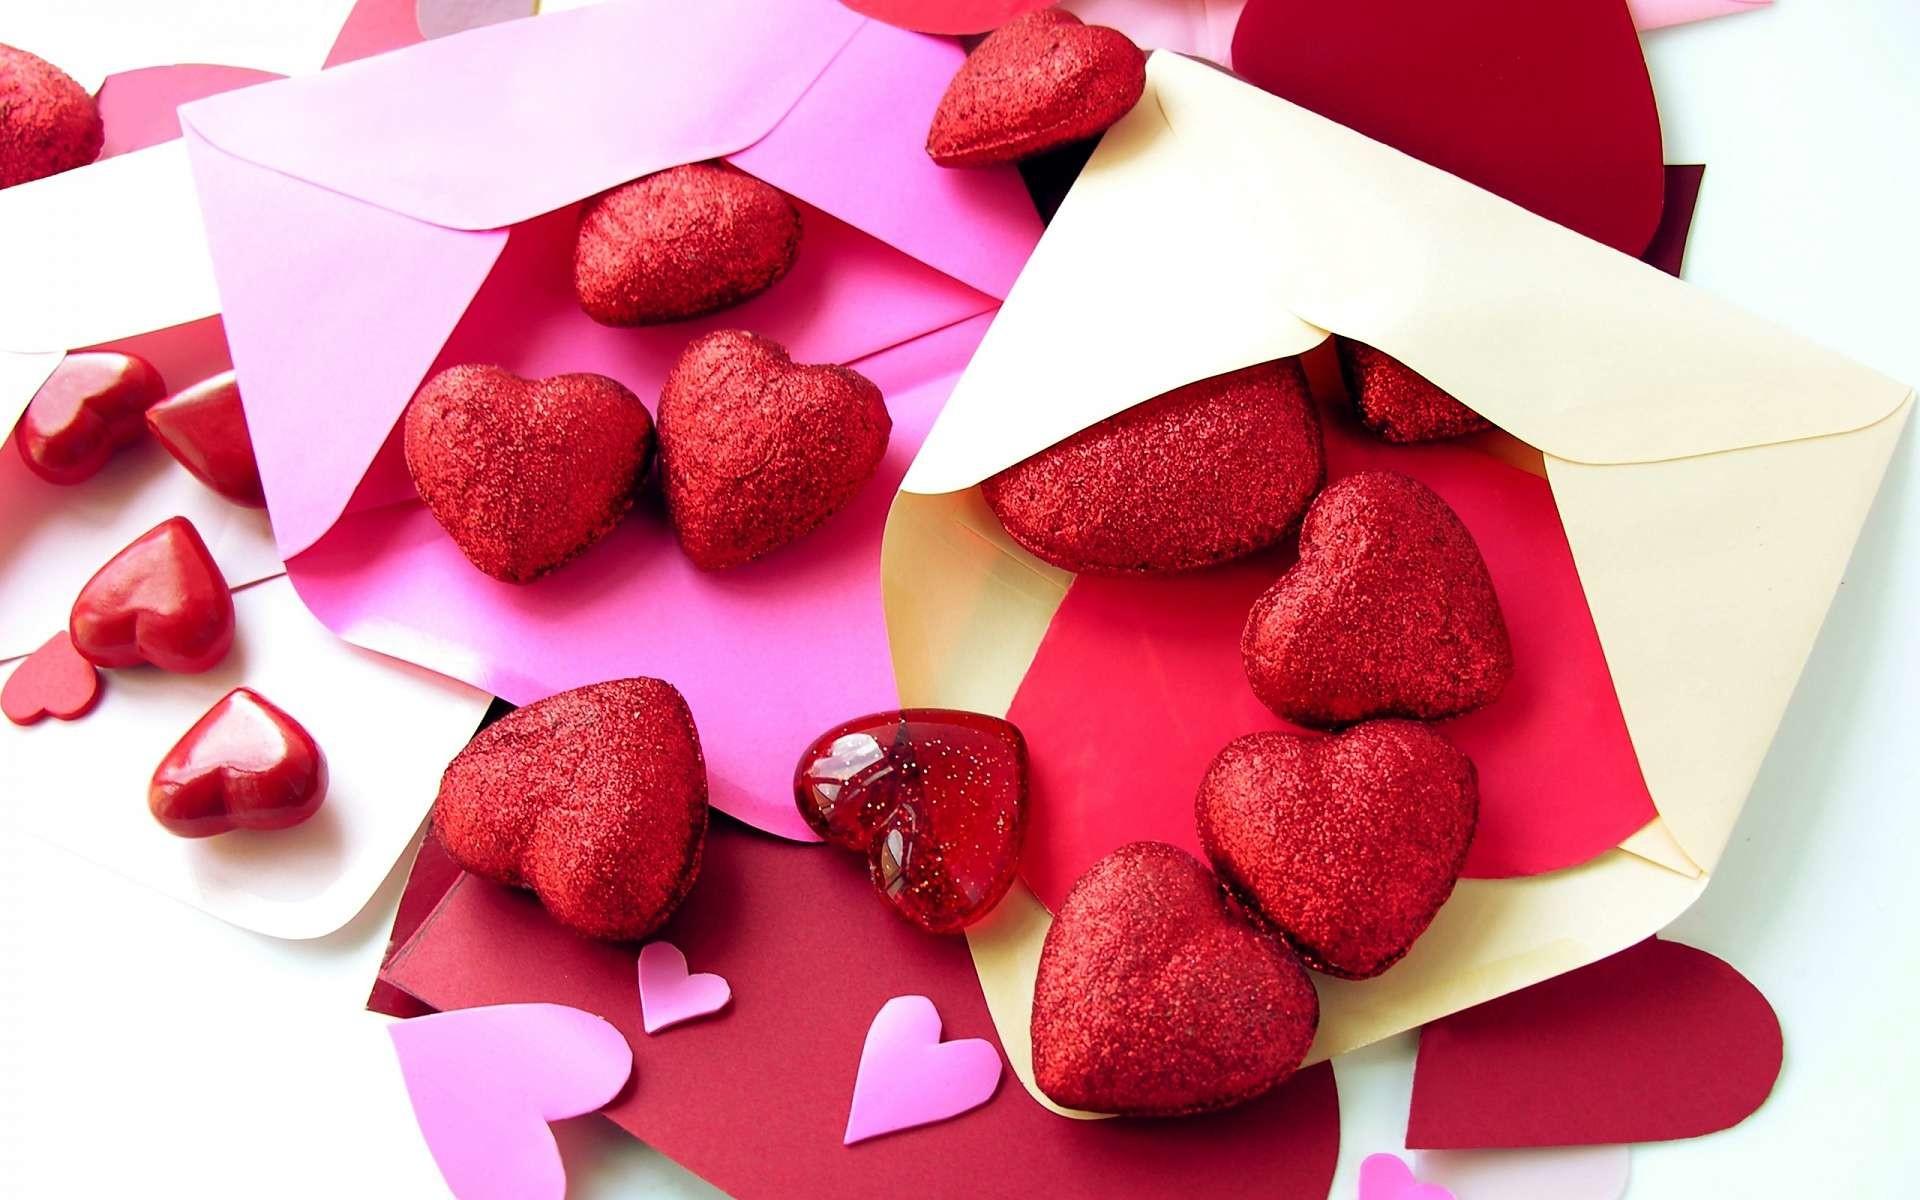 Sweet Love Hearts Wallpaper